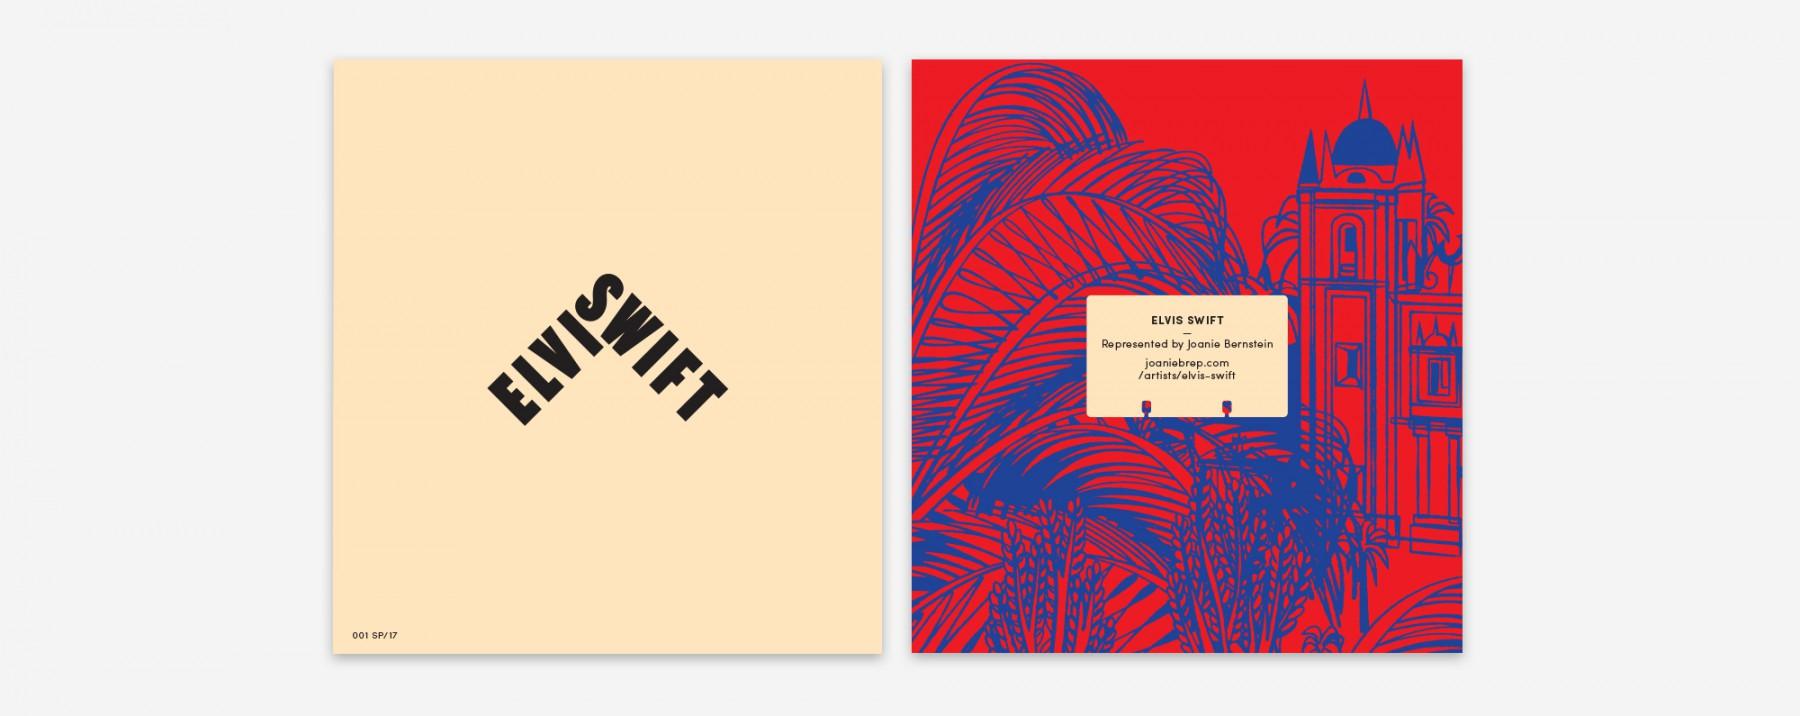 Elvis Swift artist promotion designed by Werner Design Werks